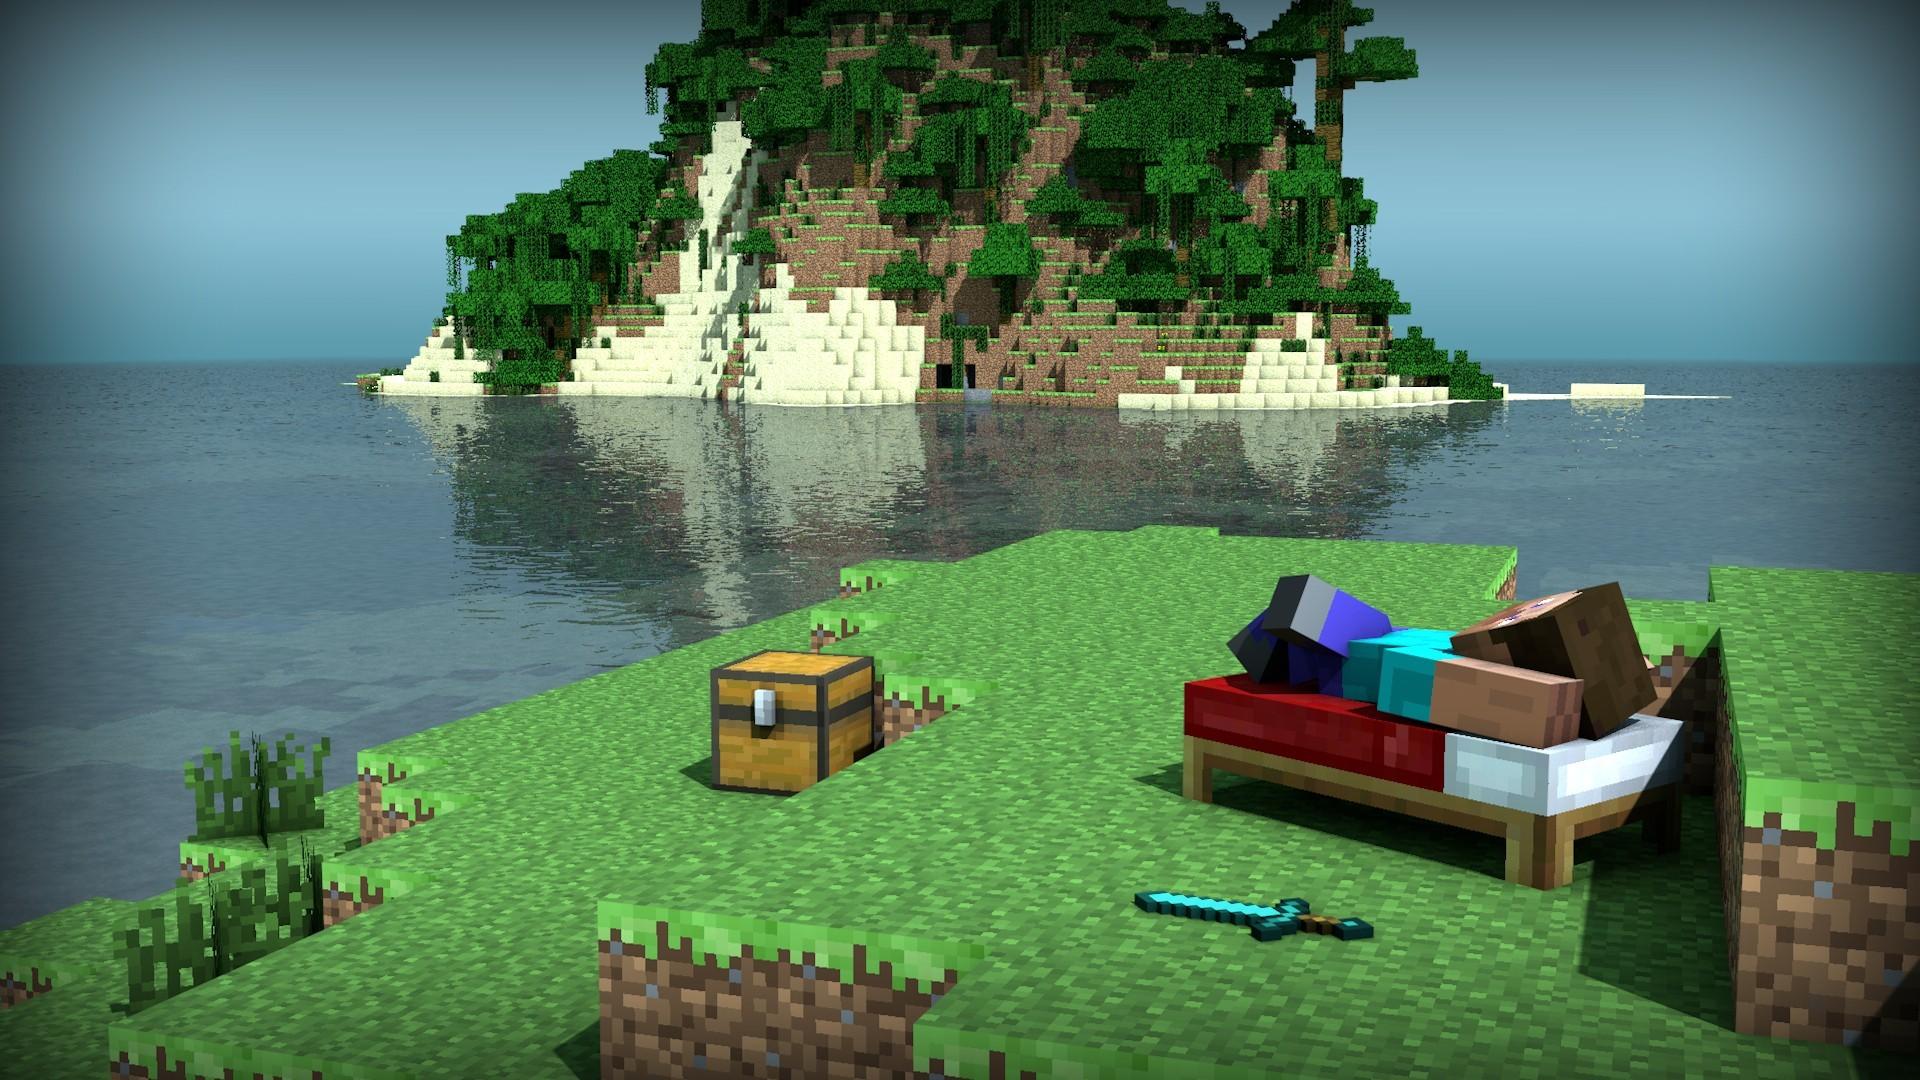 Hình nền Minecraft một góc biển đảo cực đẹp